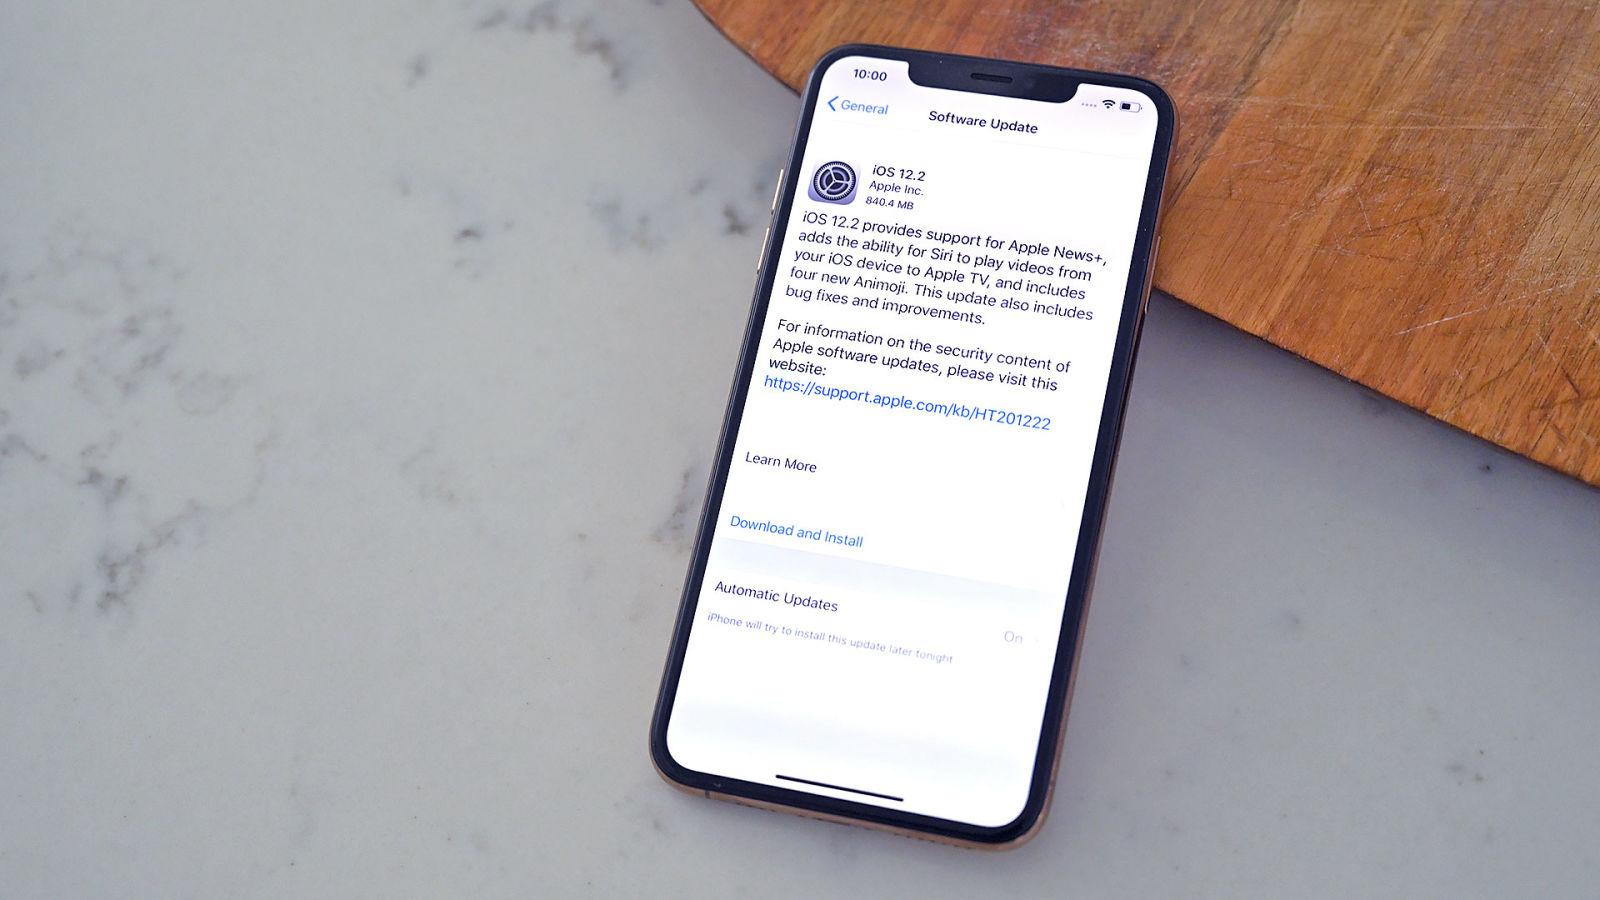 cxtzretmpnyc6d0emcr4 - تعرف على ميزة البحث الجديدة في متصفح سفاري في تحديث iOS 12.2